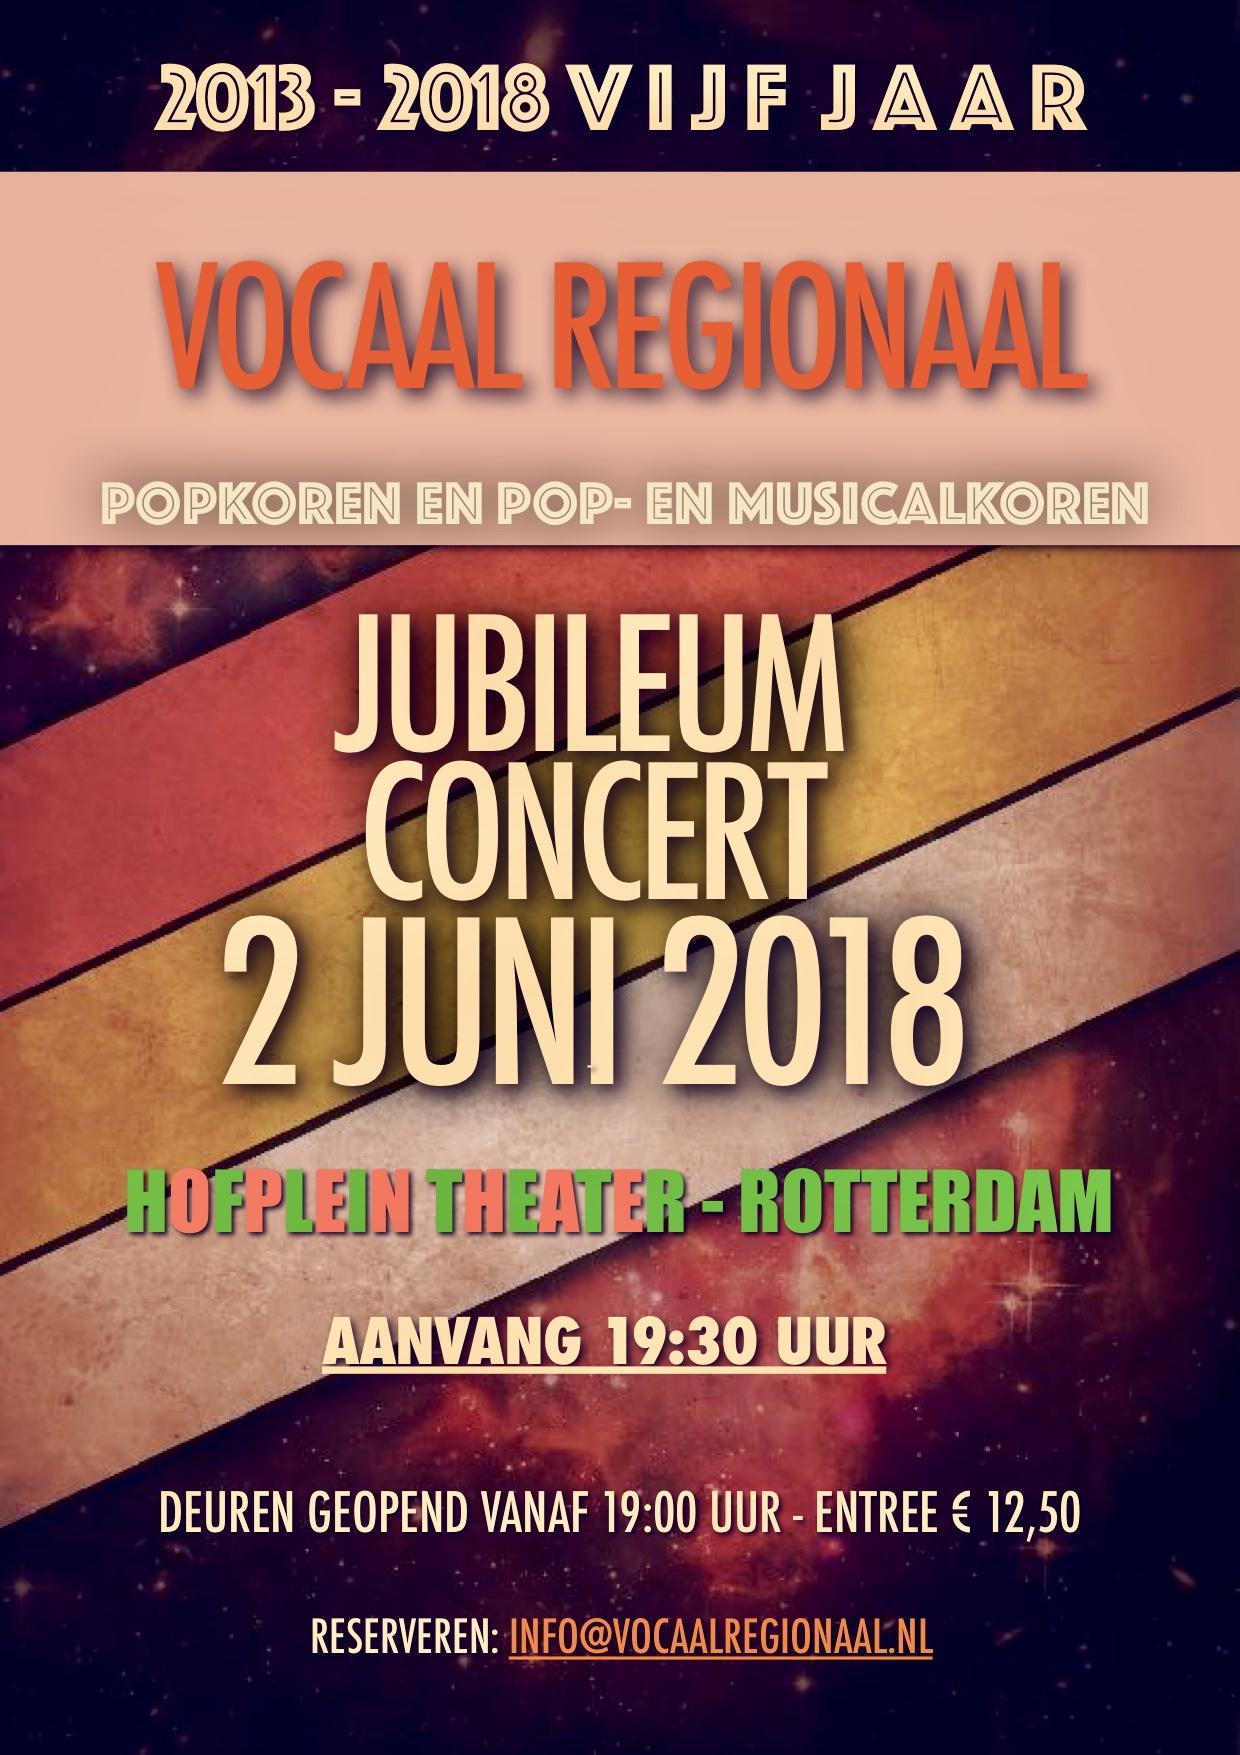 Jubileumconcert Vocaal Regionaal